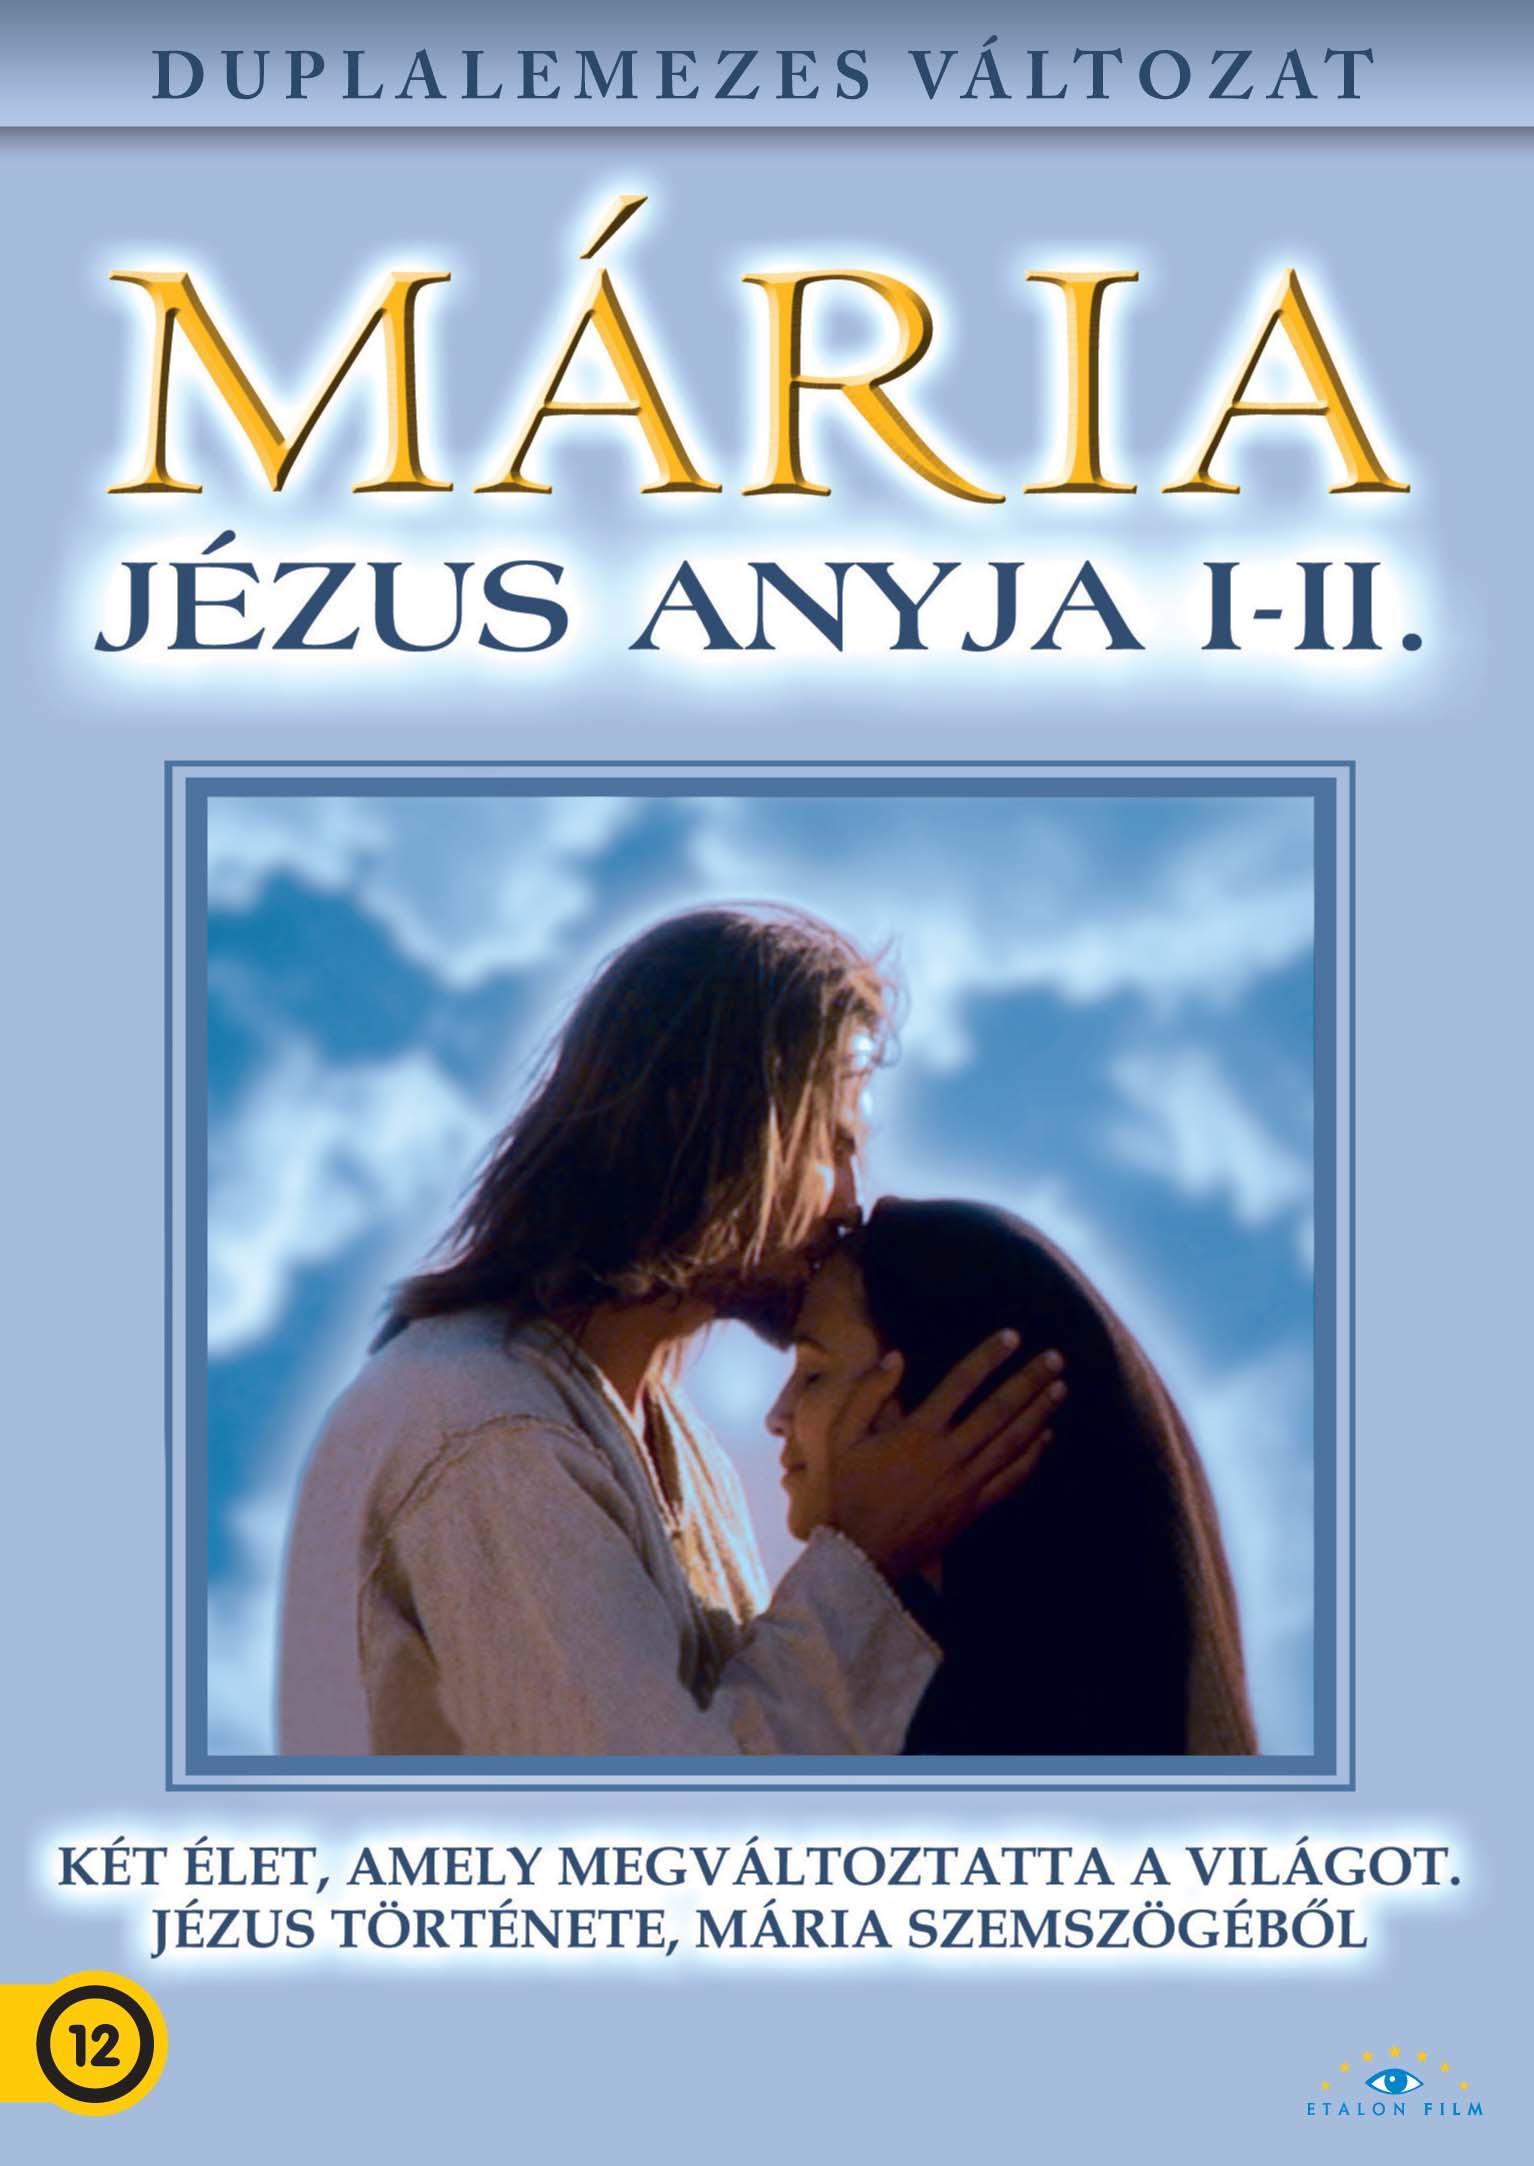 MÁRIA, JÉZUS ANYJA I-II. - DVD - DUPLALAMEZES VÁLT.